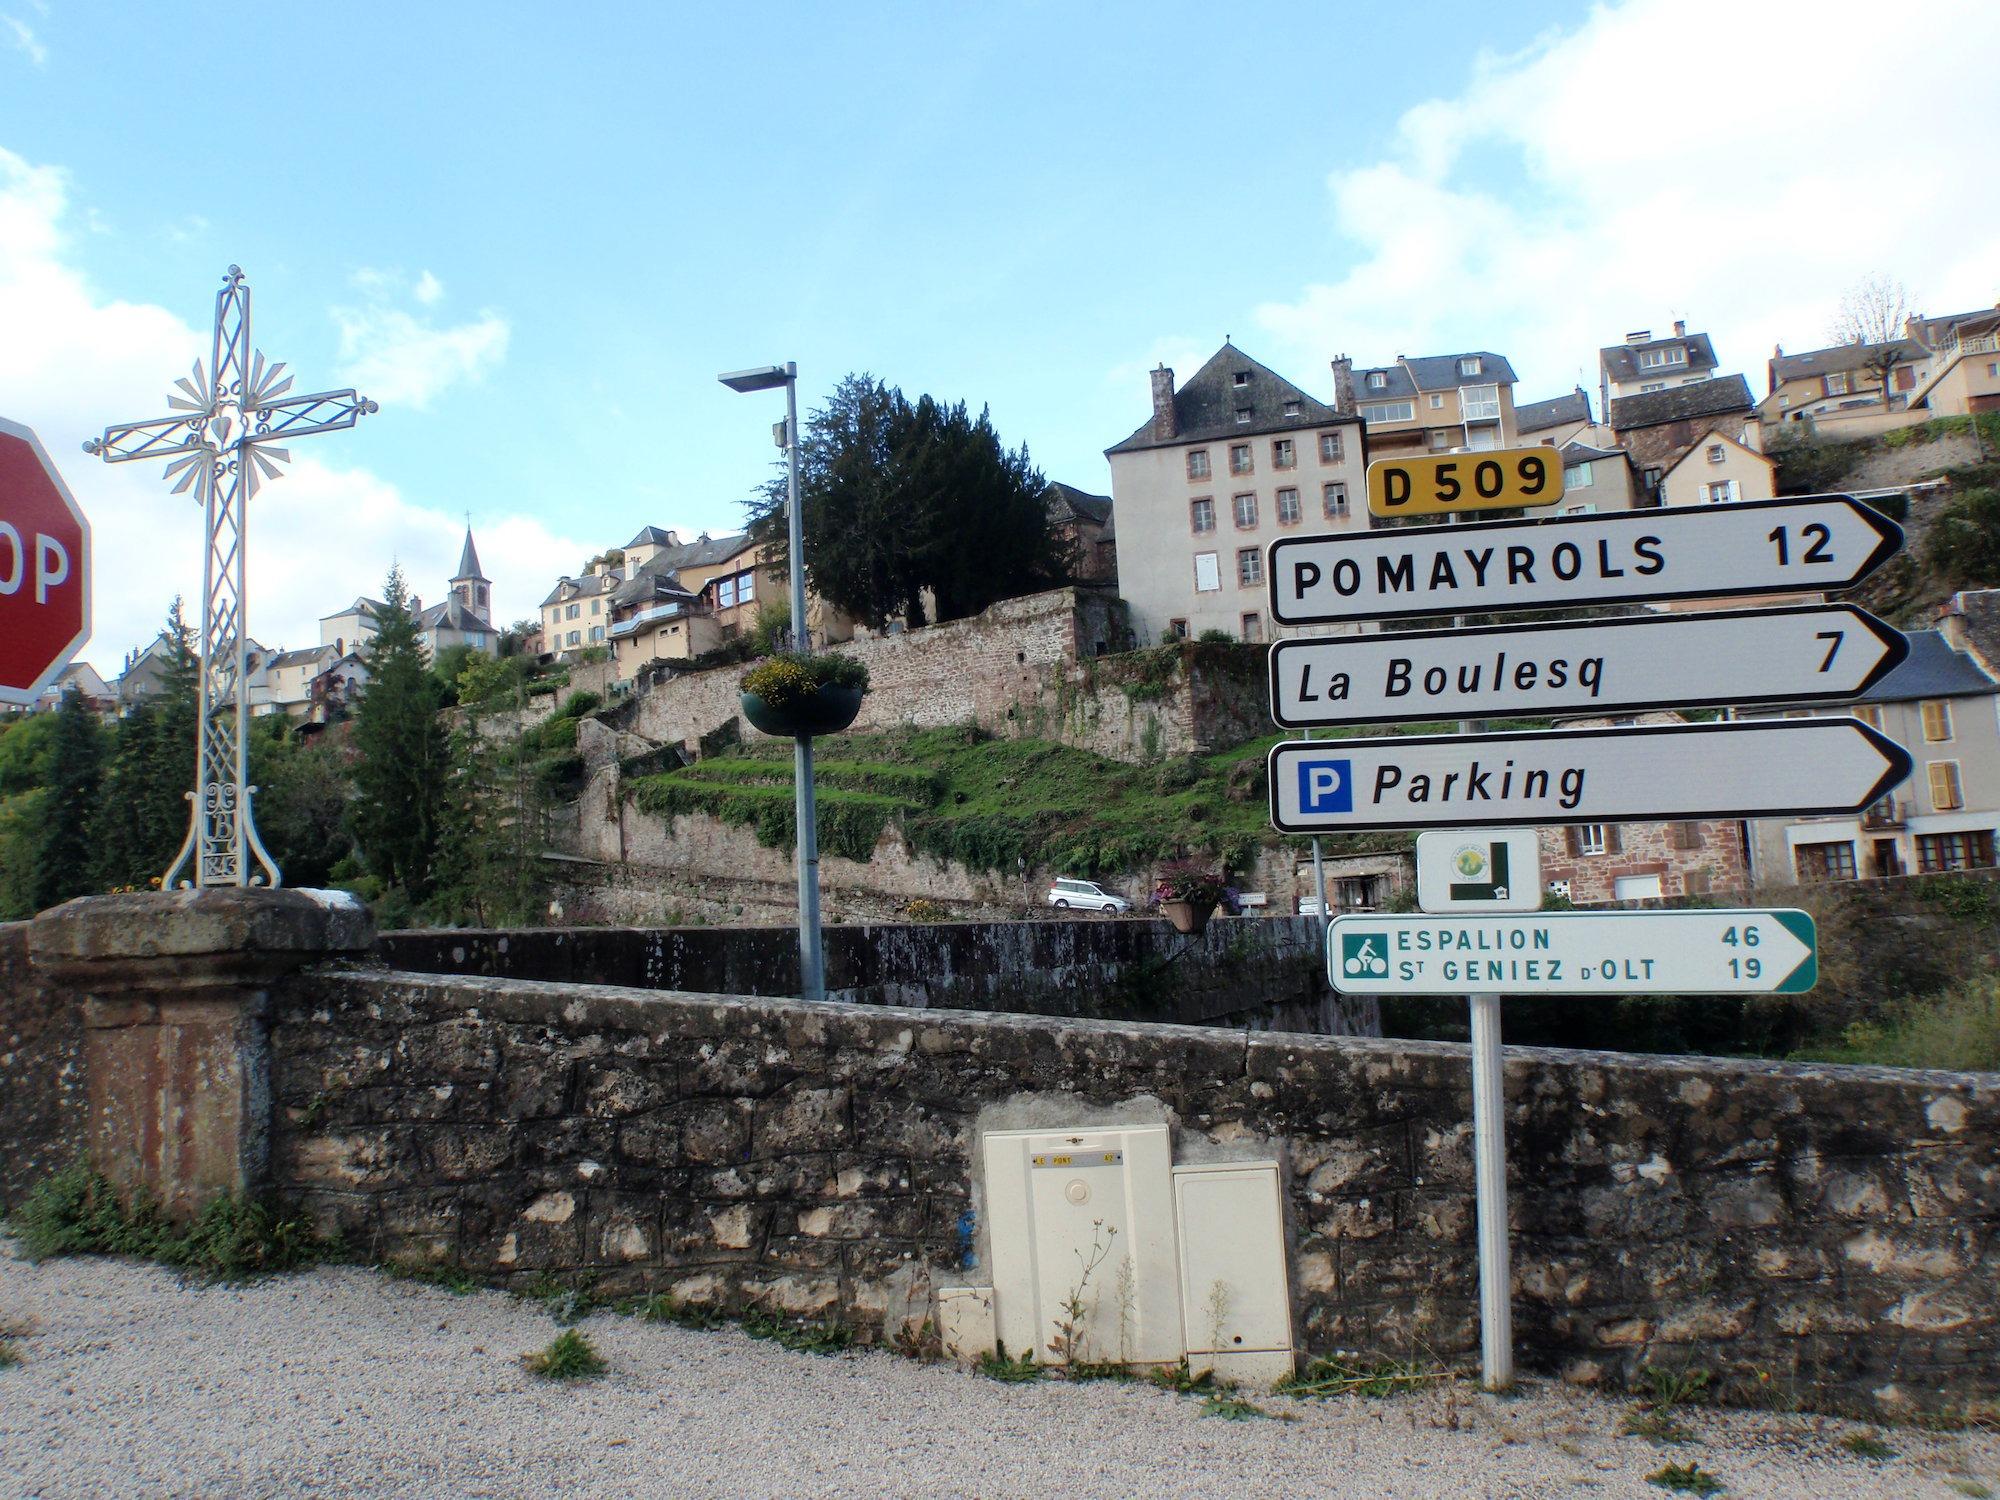 St-Laurent-d'Olt